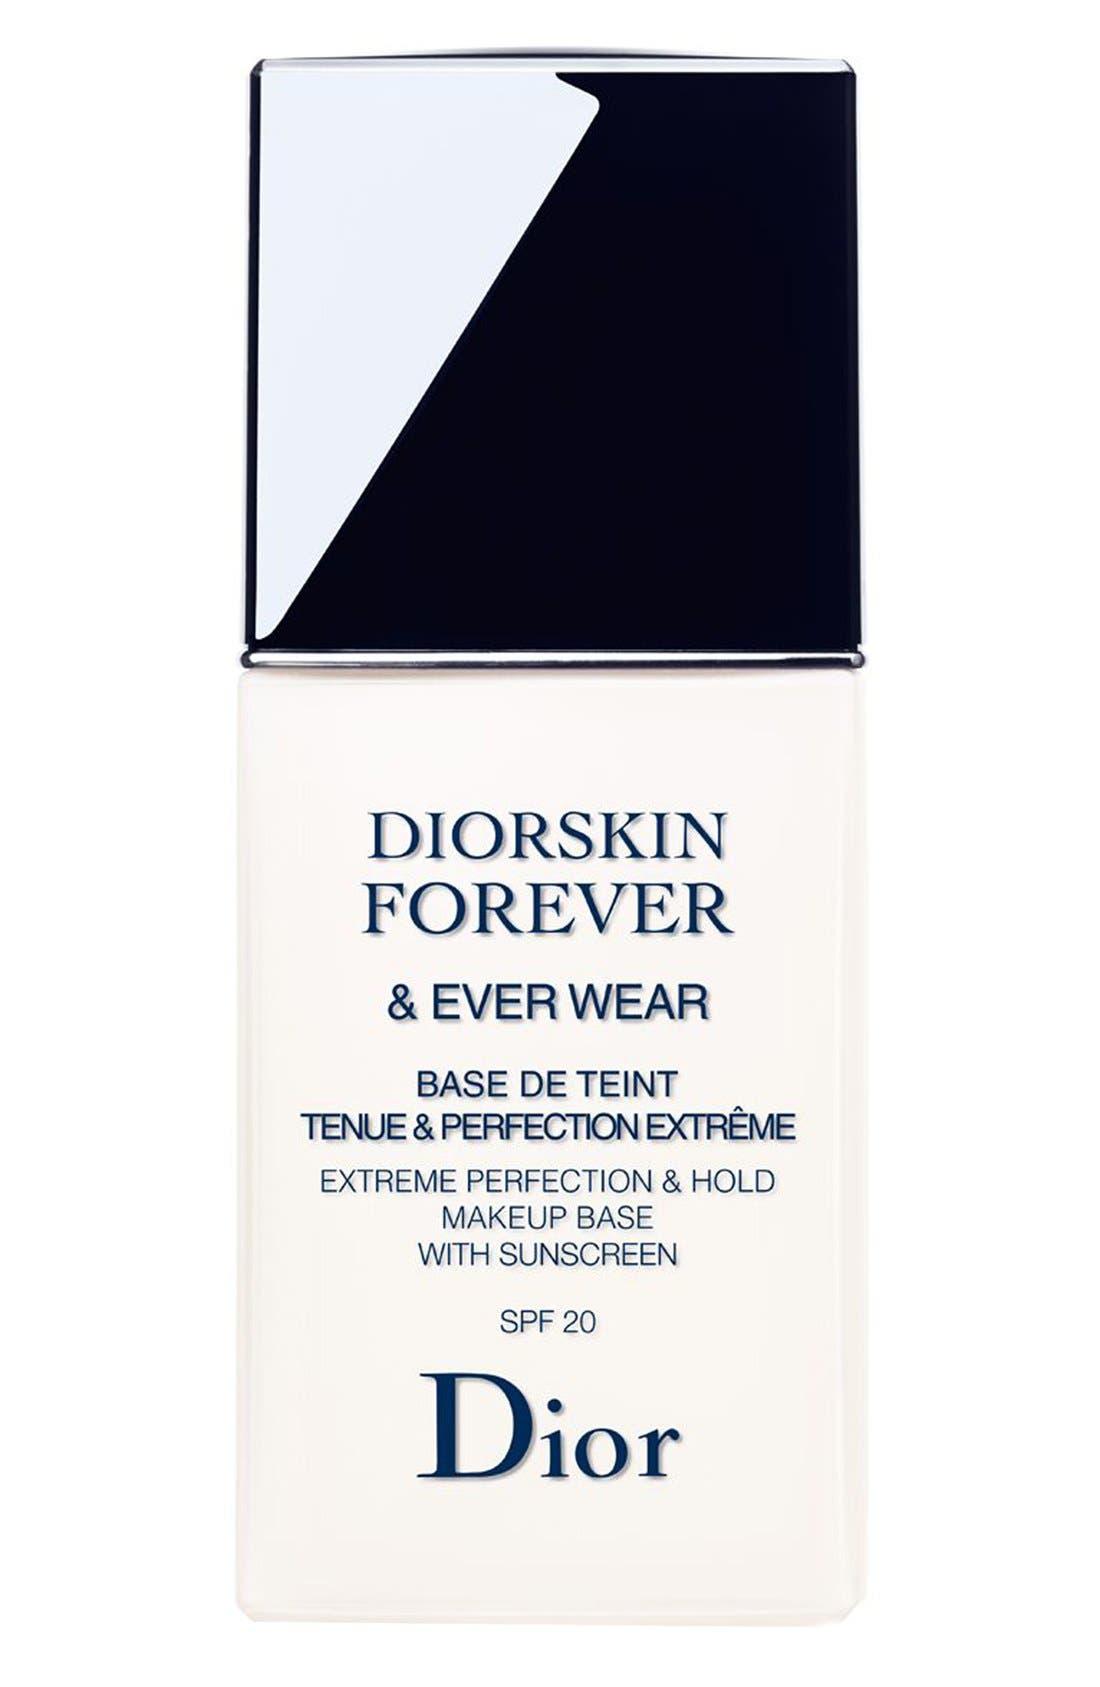 Diorskin Forever & Ever Wear Makeup Primer SPF 20,                             Alternate thumbnail 6, color,                             NO COLOR